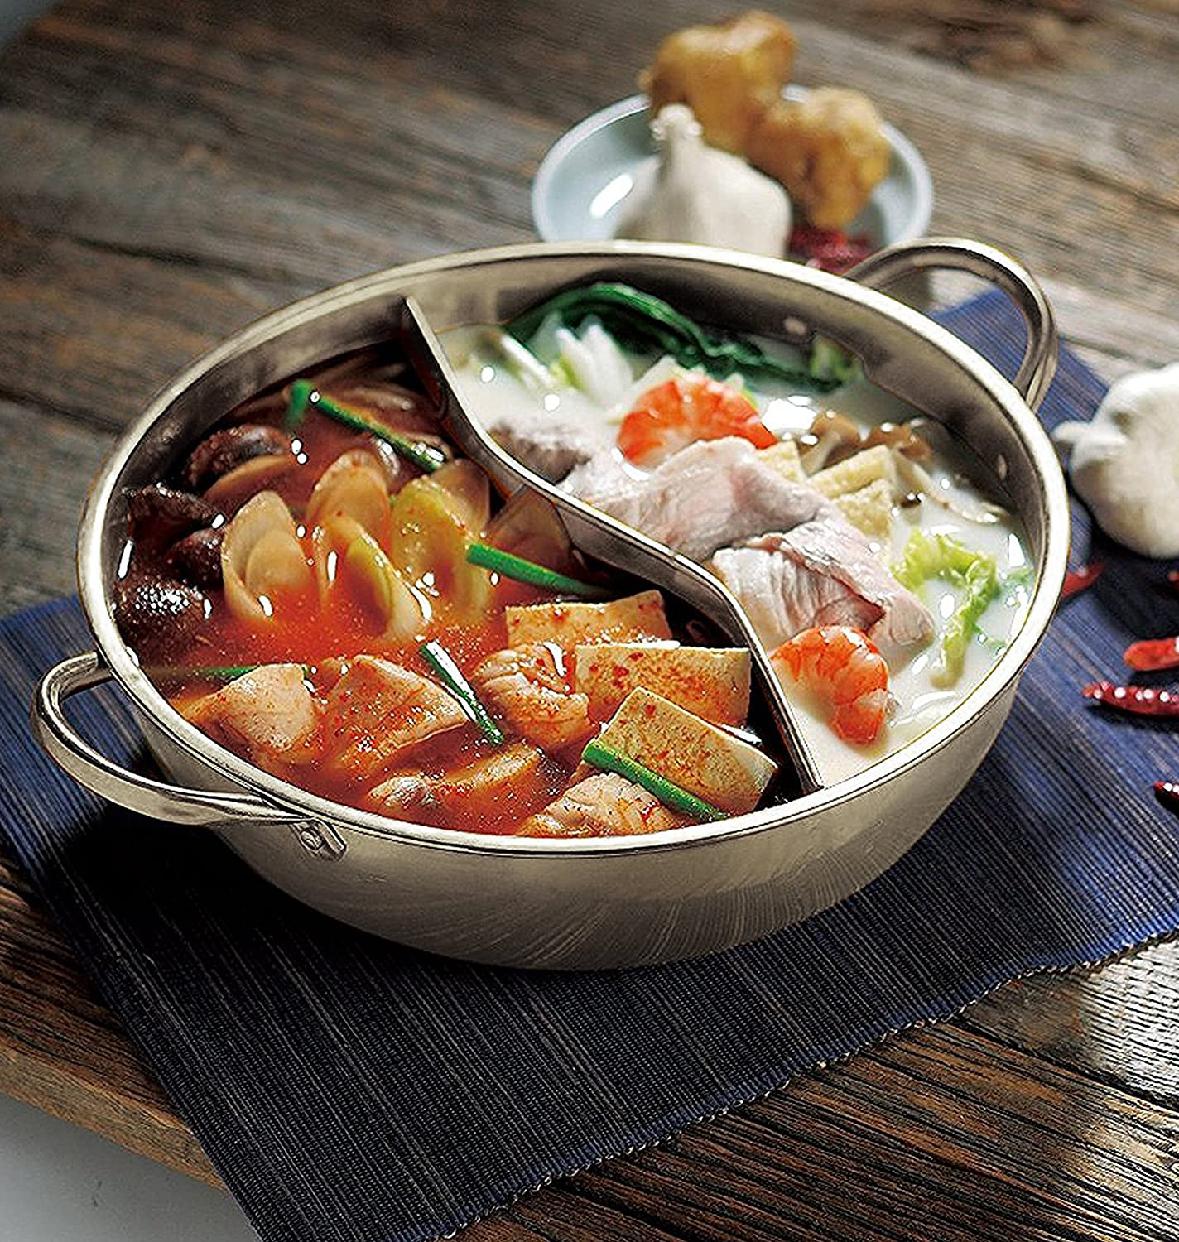 エムワールド 2食鍋 ステンレス 28cmの商品画像3